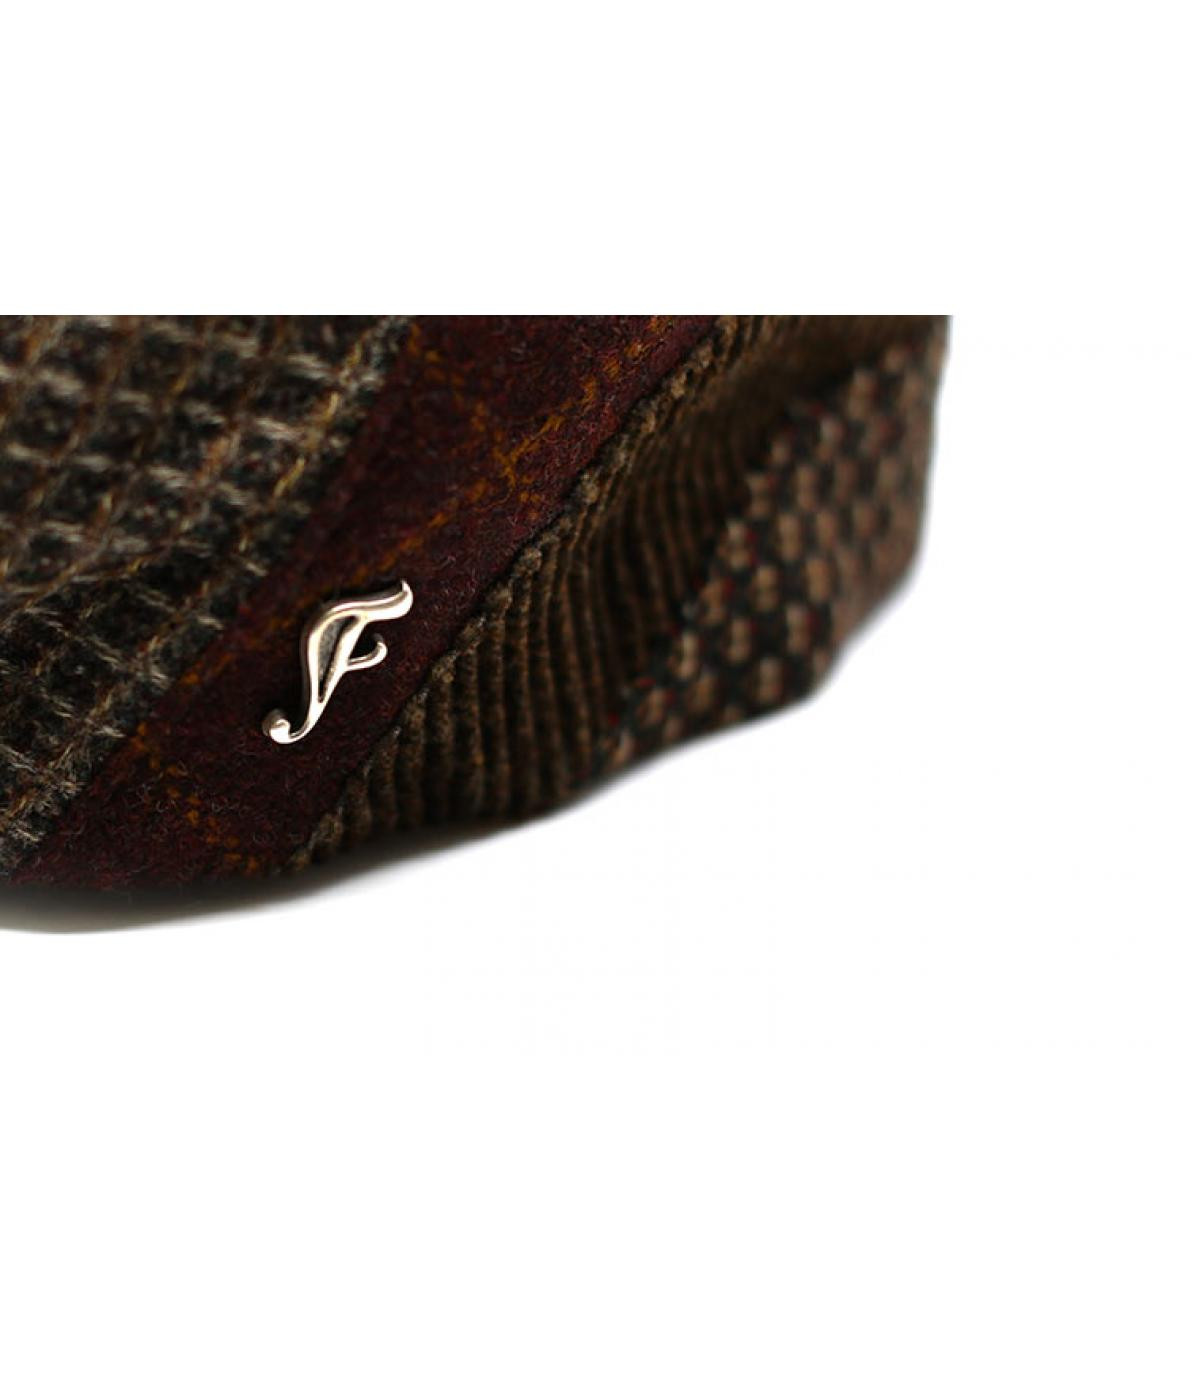 Dettagli Erland brown - image 3